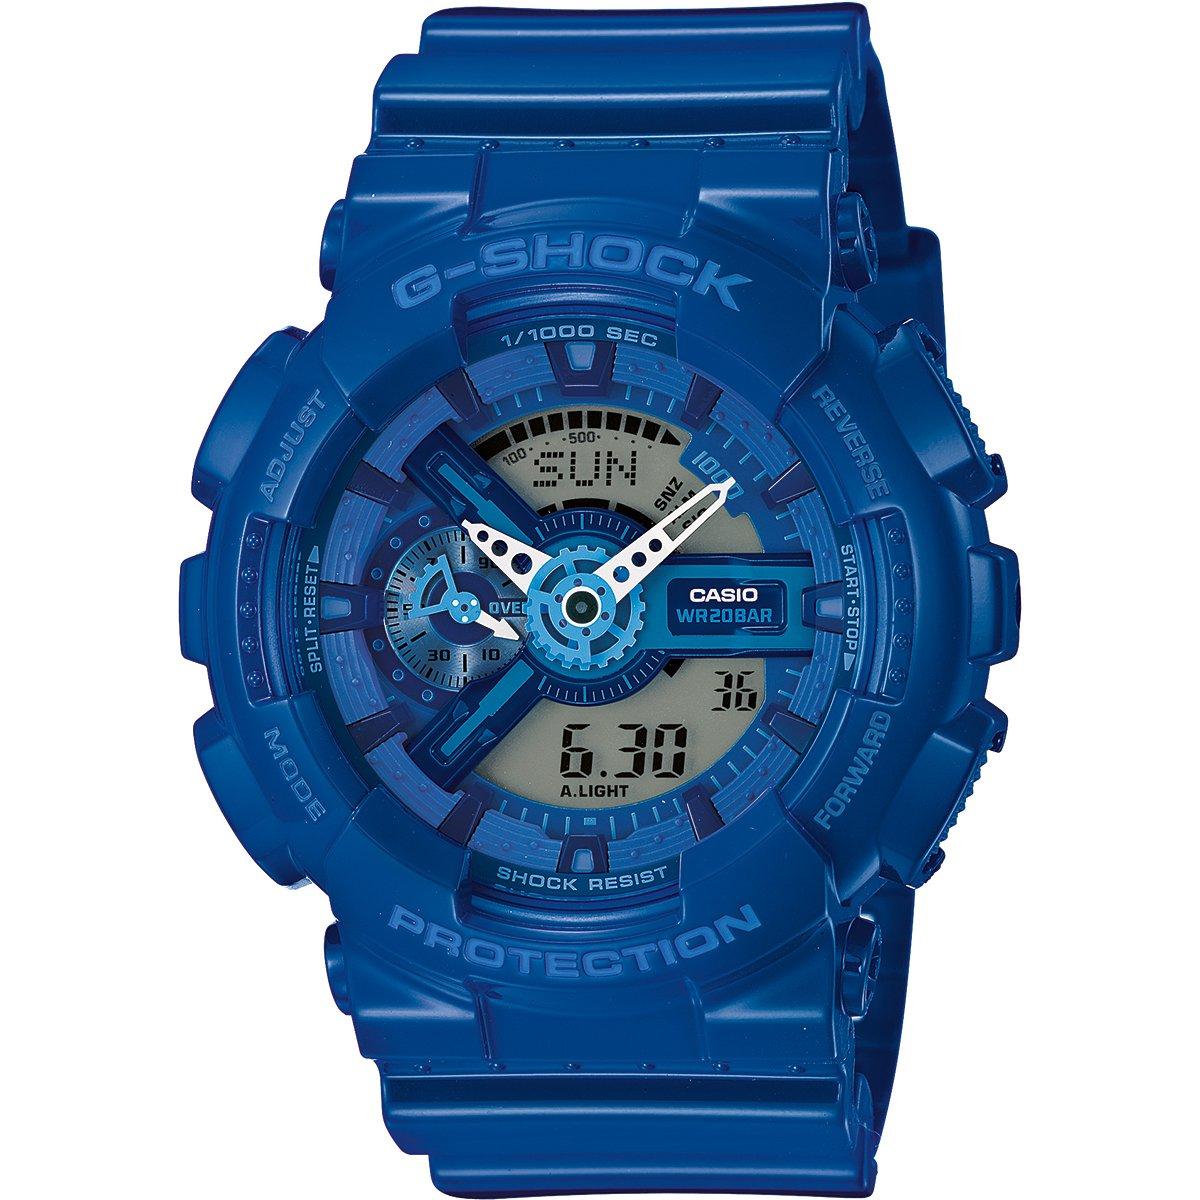 db79595db94 Relógio G-Shock Digital GA-110BC-2ADR - Compre Agora